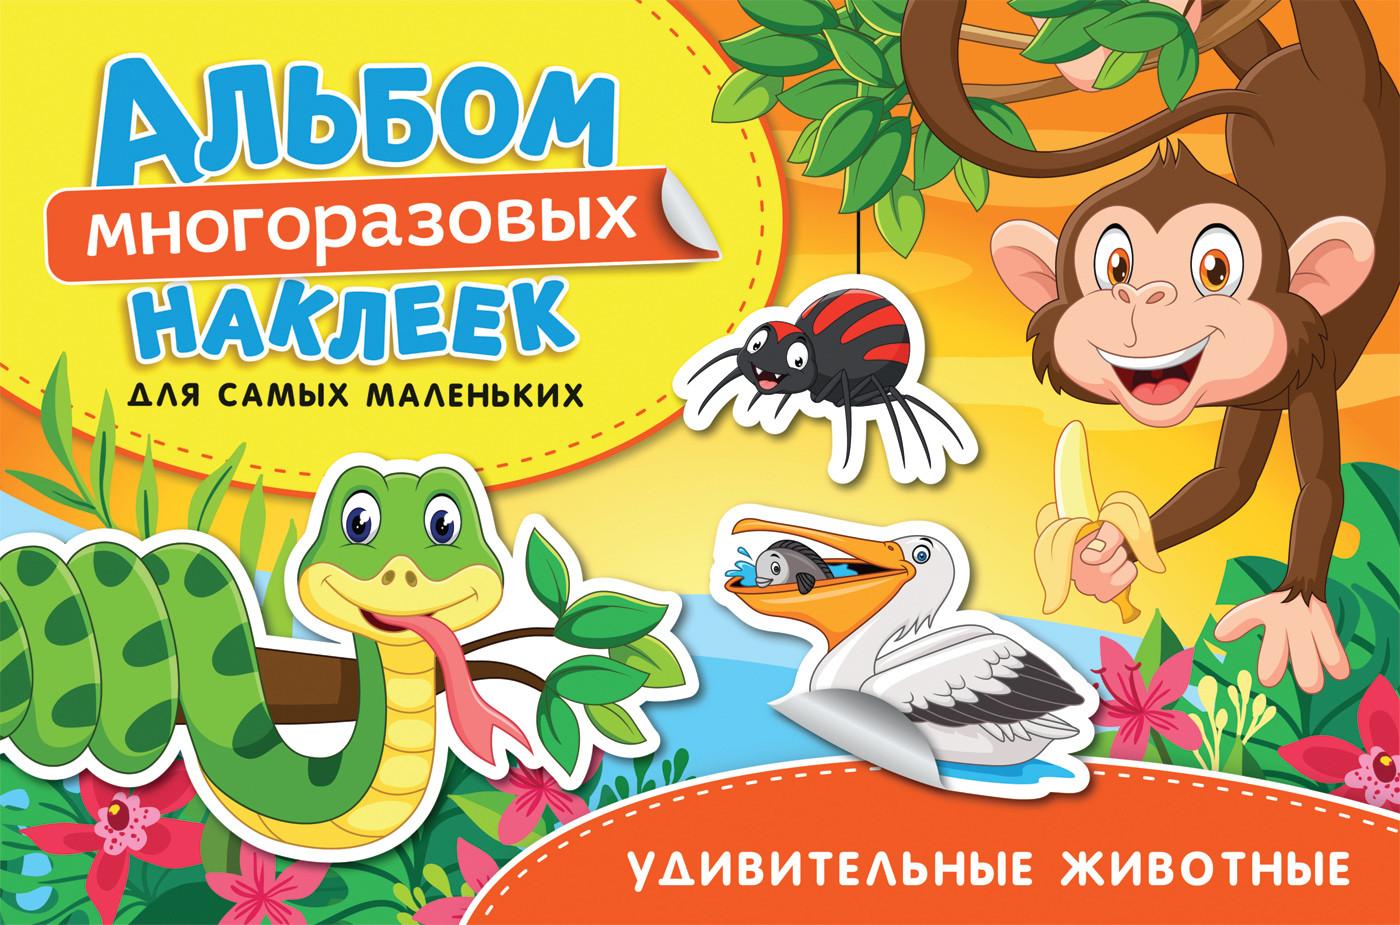 Котятова Н. И. Удивительные животные. Альбом многоразовых наклеек для самых маленьких дмитриева в удивительные животные 250 многоразовых наклеек